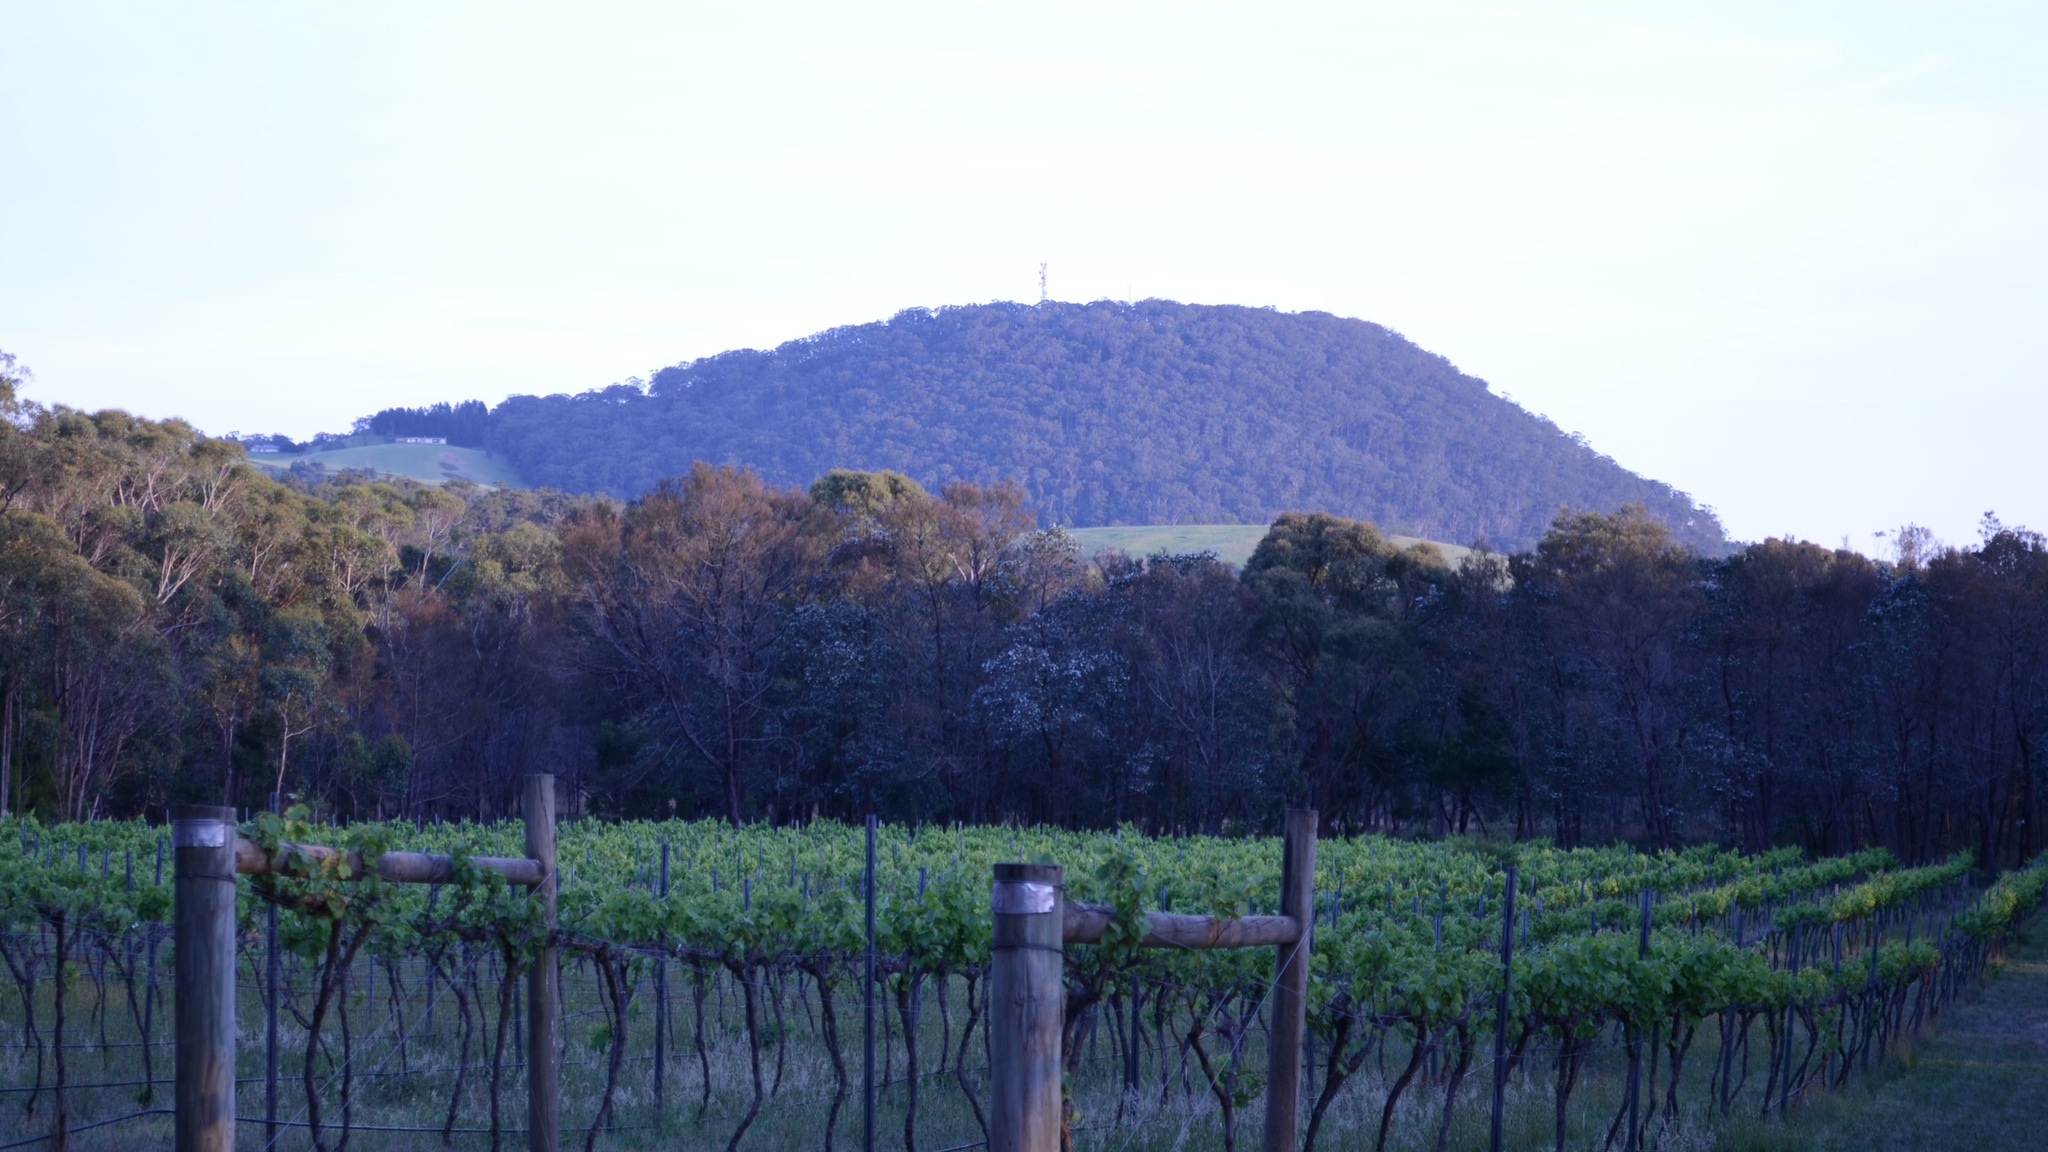 Mount Buninyong Winery